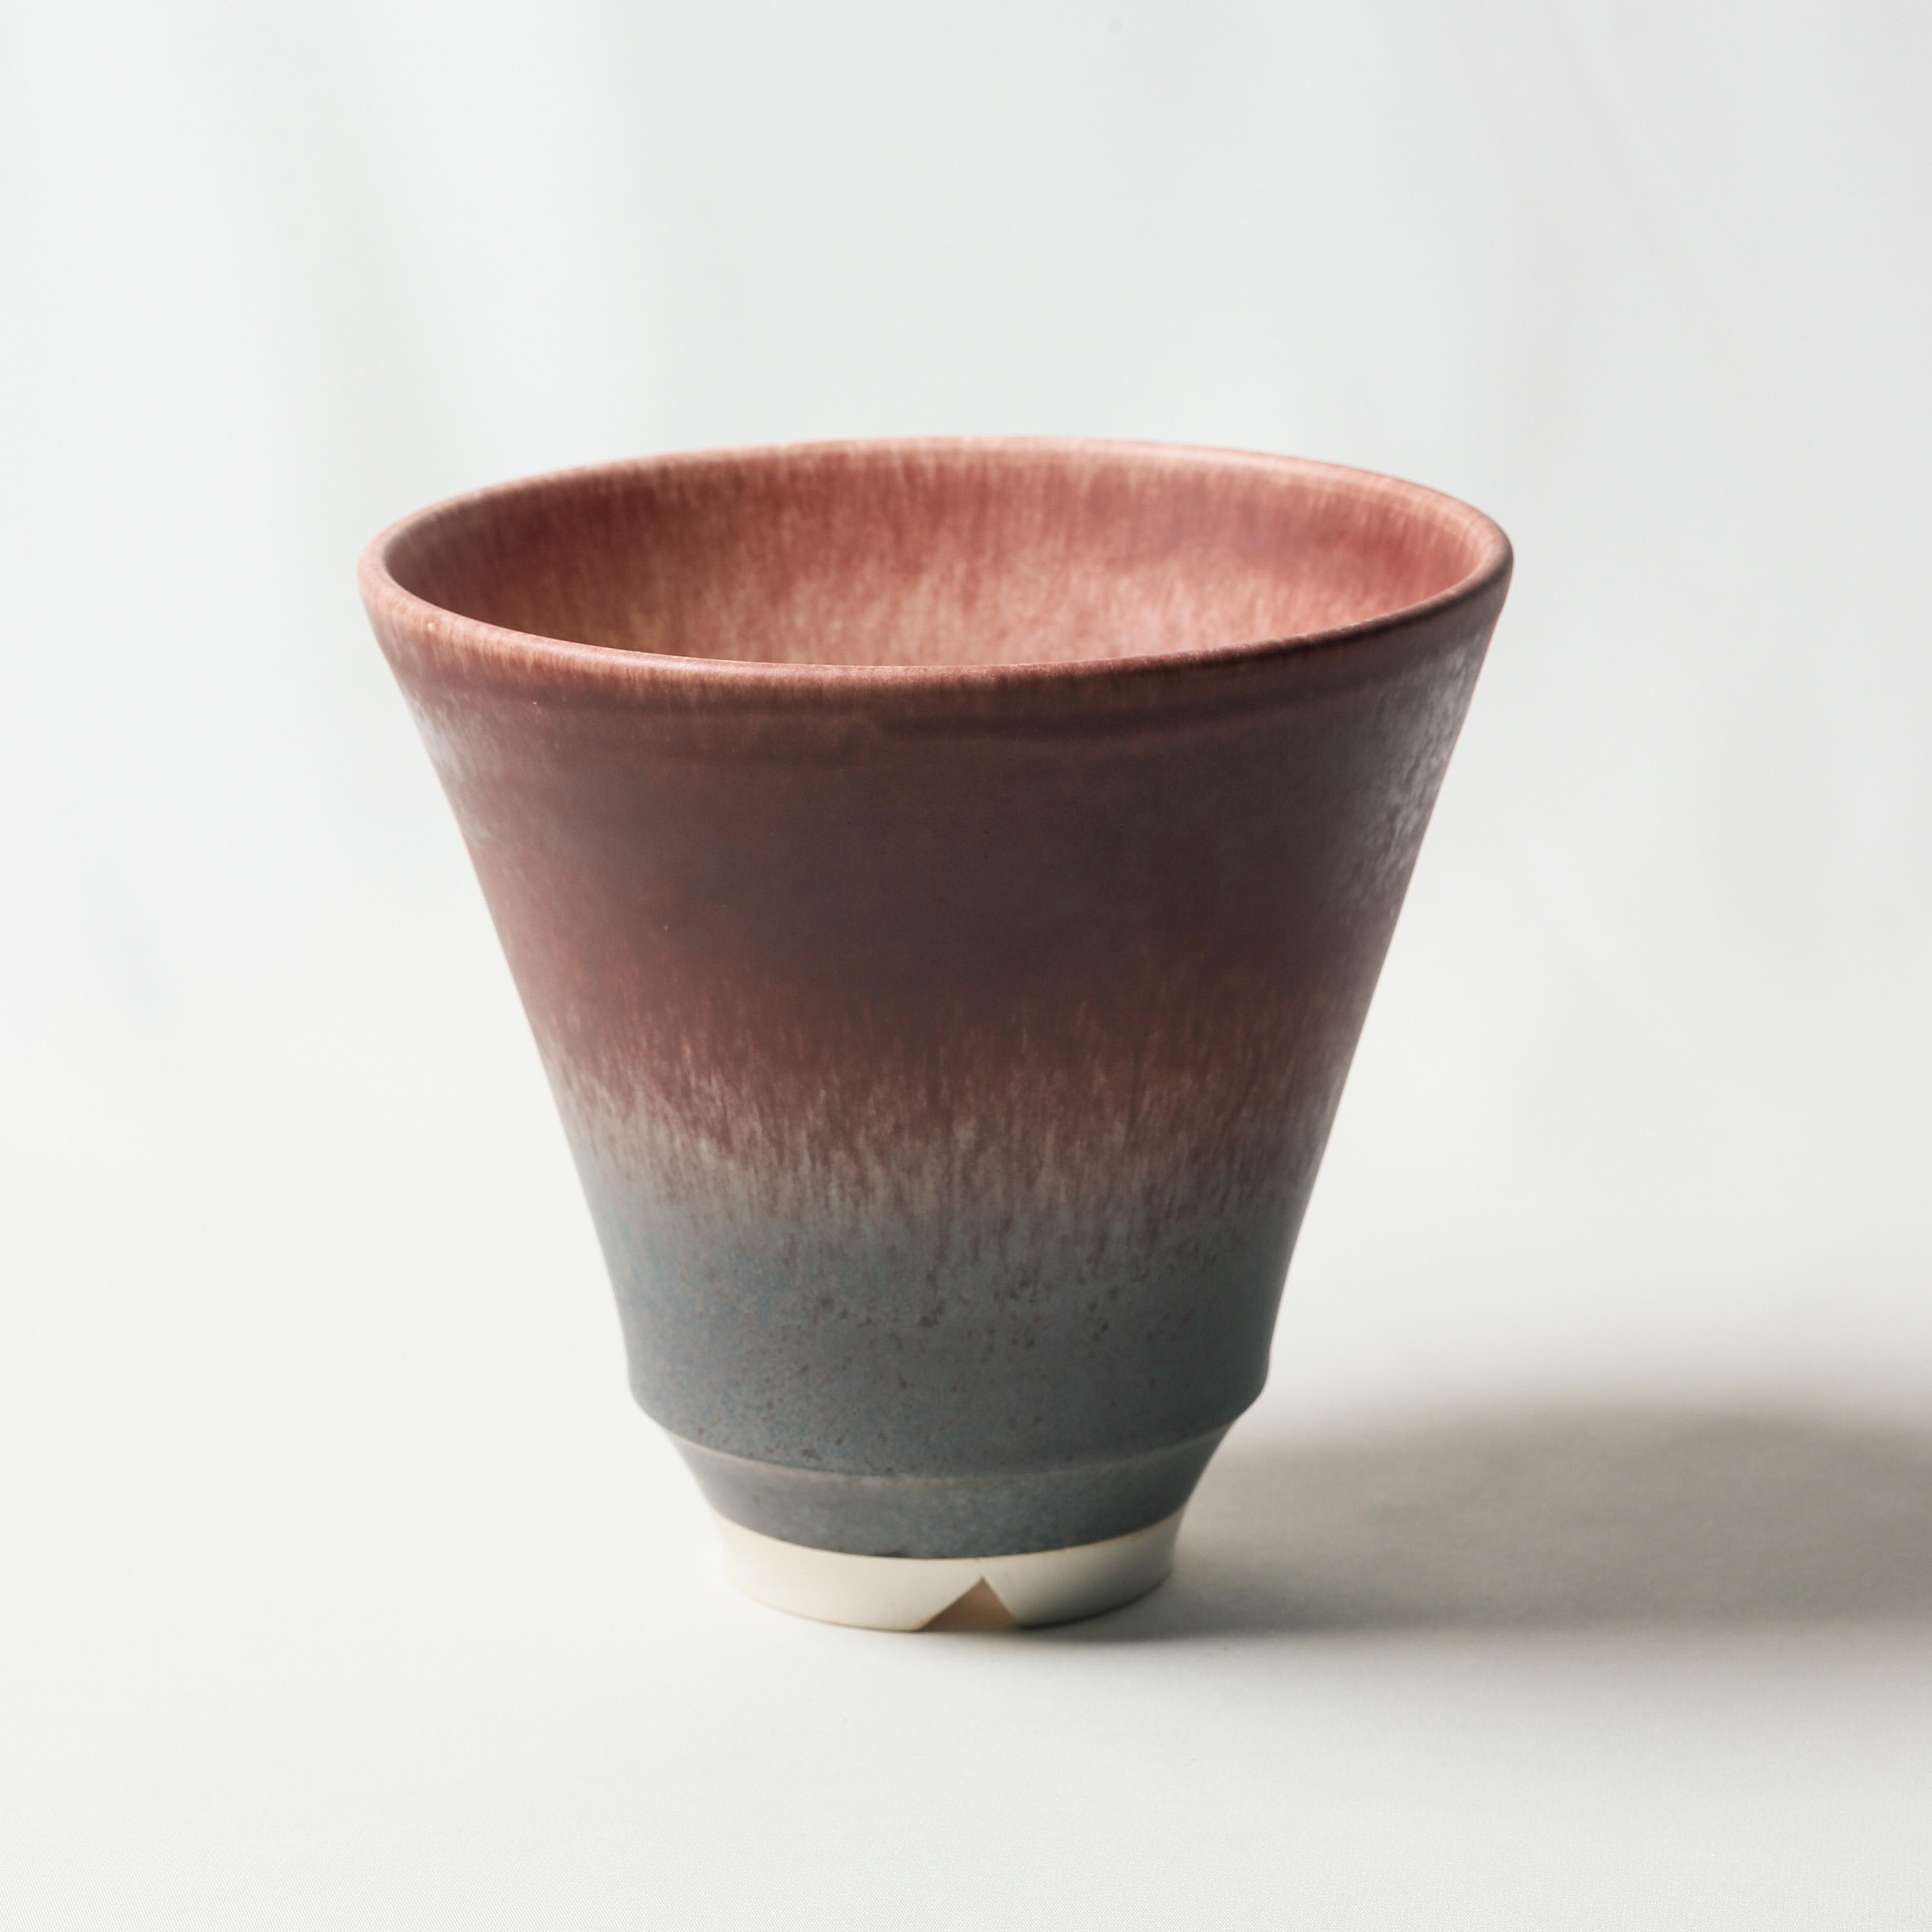 Mortar pot(煌赫+)